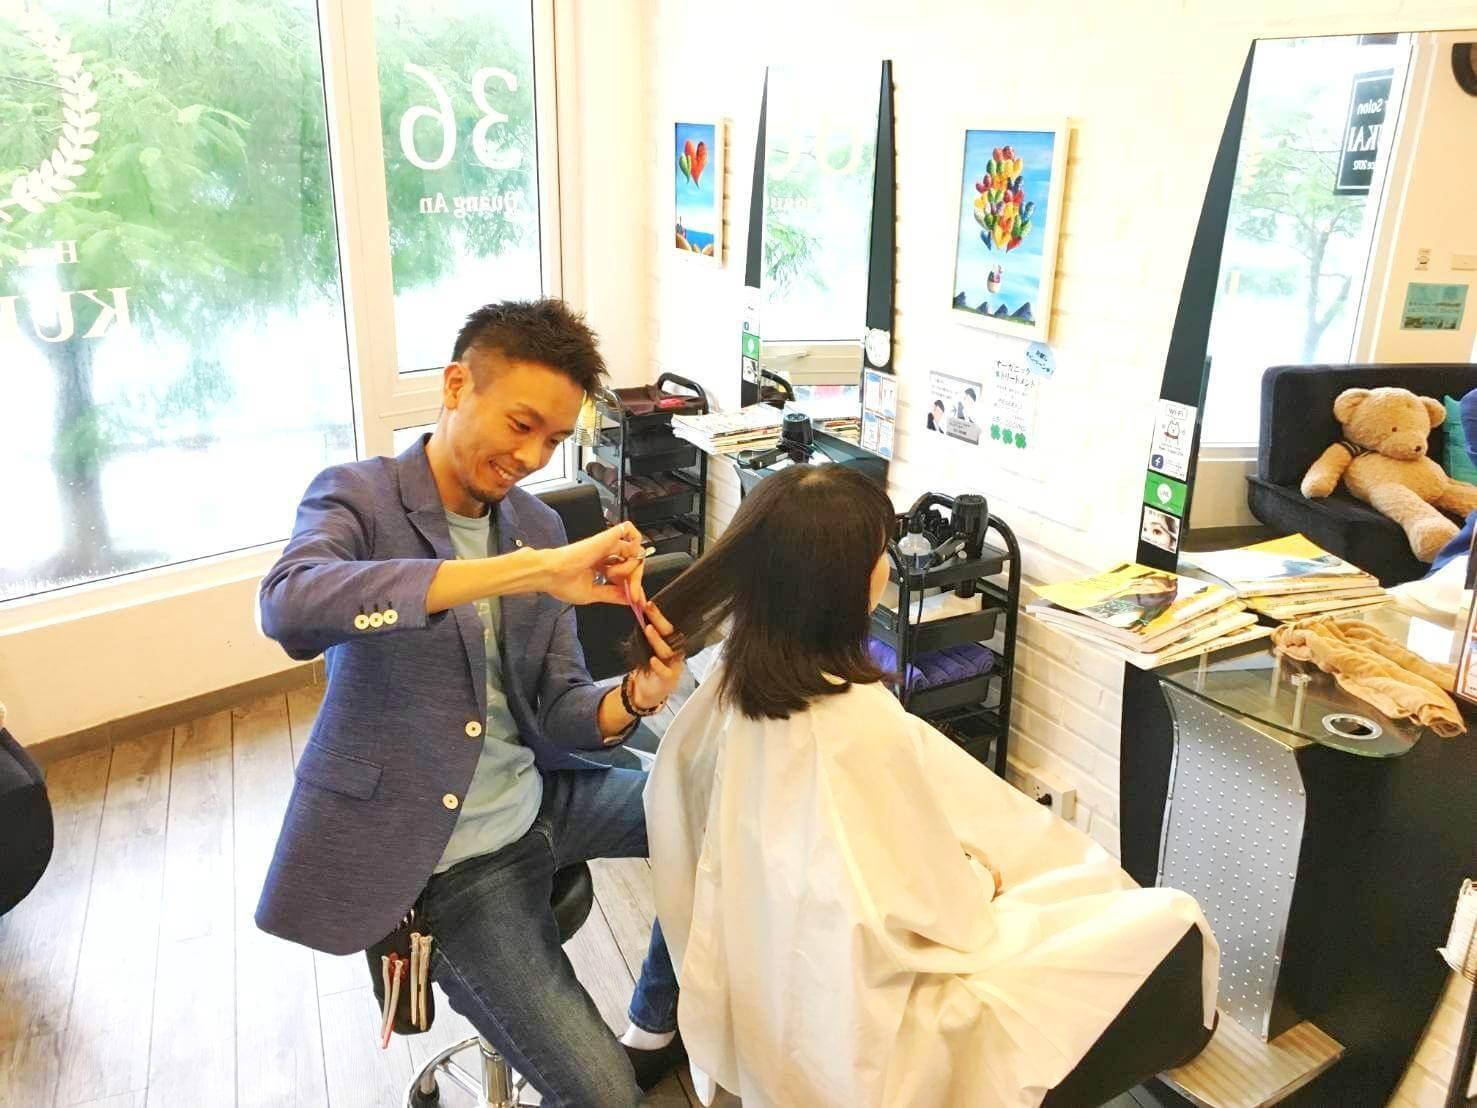 KUKAI,ハノイ,日系美容室,おすすめ,美容室,人気